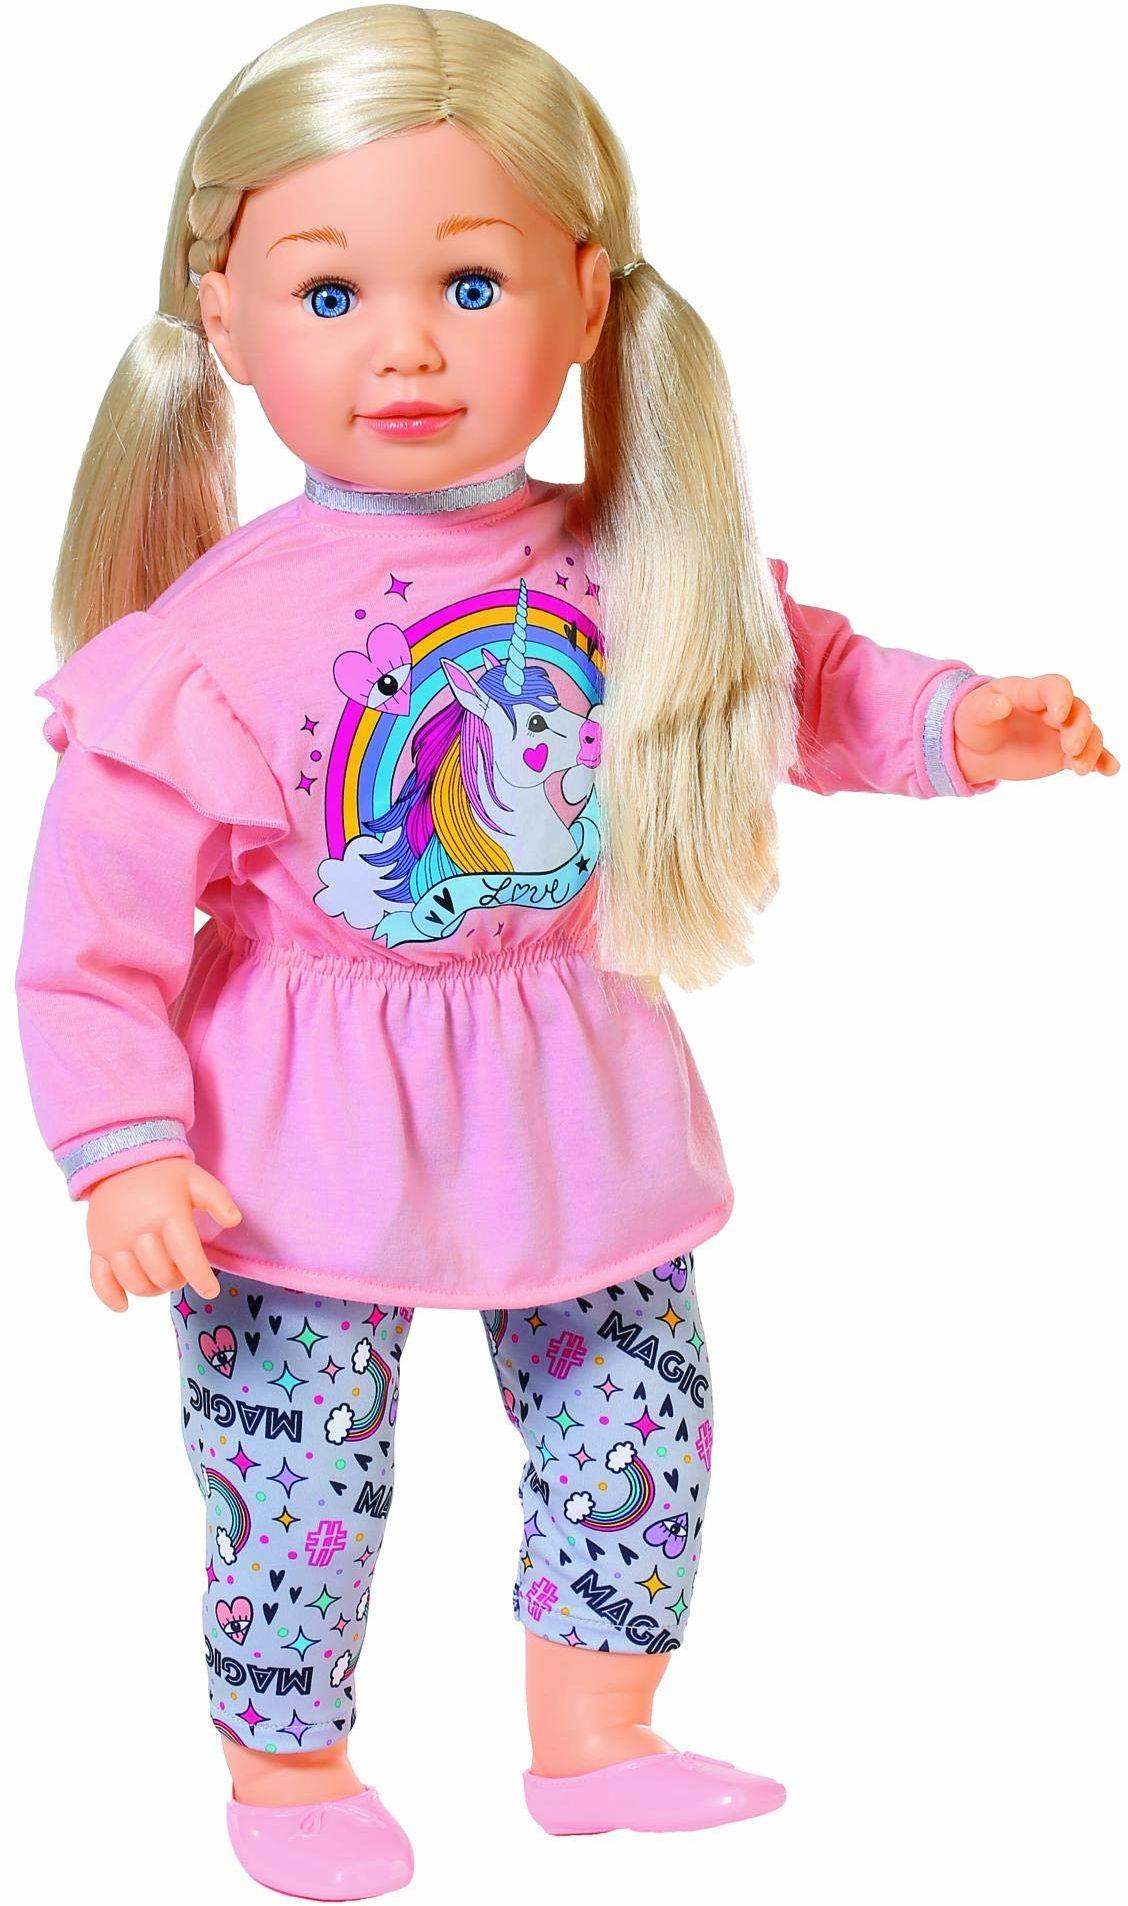 Zapf Creation 877654 Sally duża lalka z długimi włosami i miękkim korpusem, 63 cm